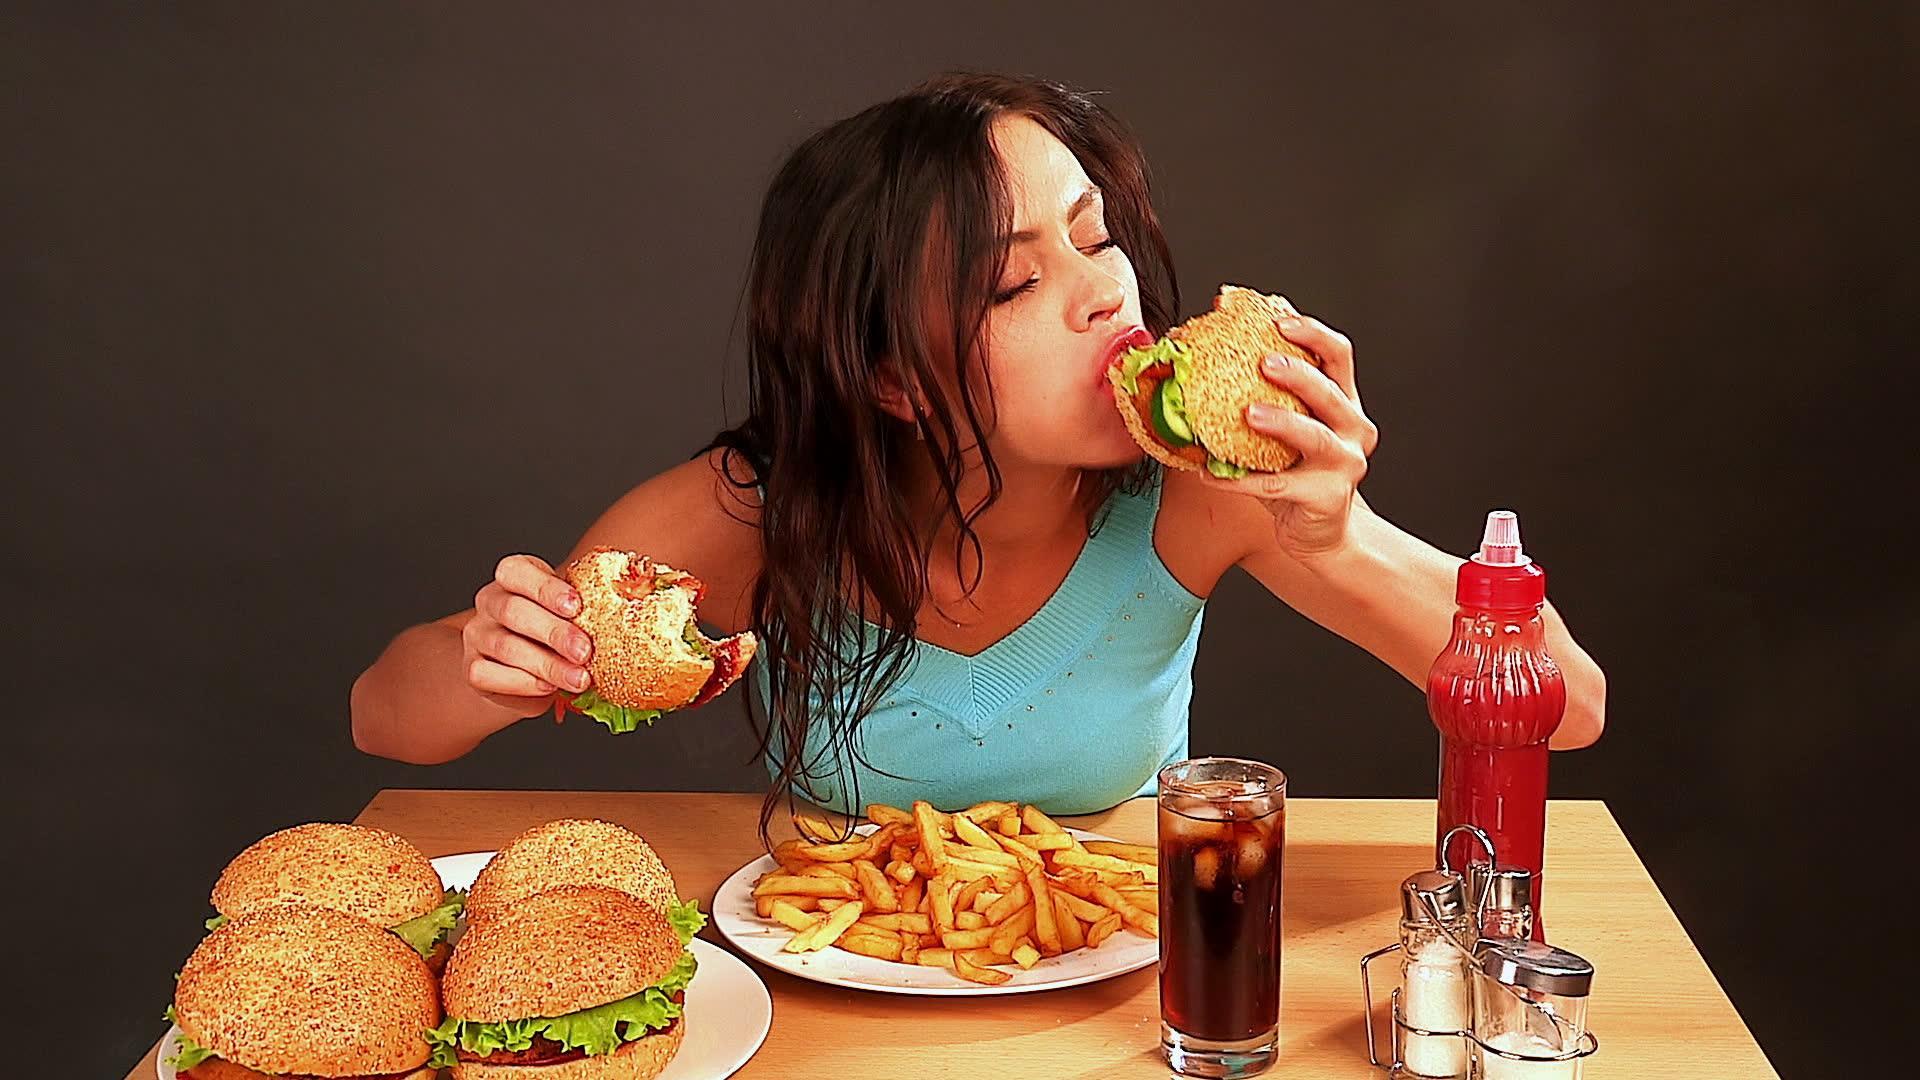 Mütemadiyen Aç Olup Bu Duruma Asla Bir Son Veremeyenlerin Anlayacağı 13 Durum